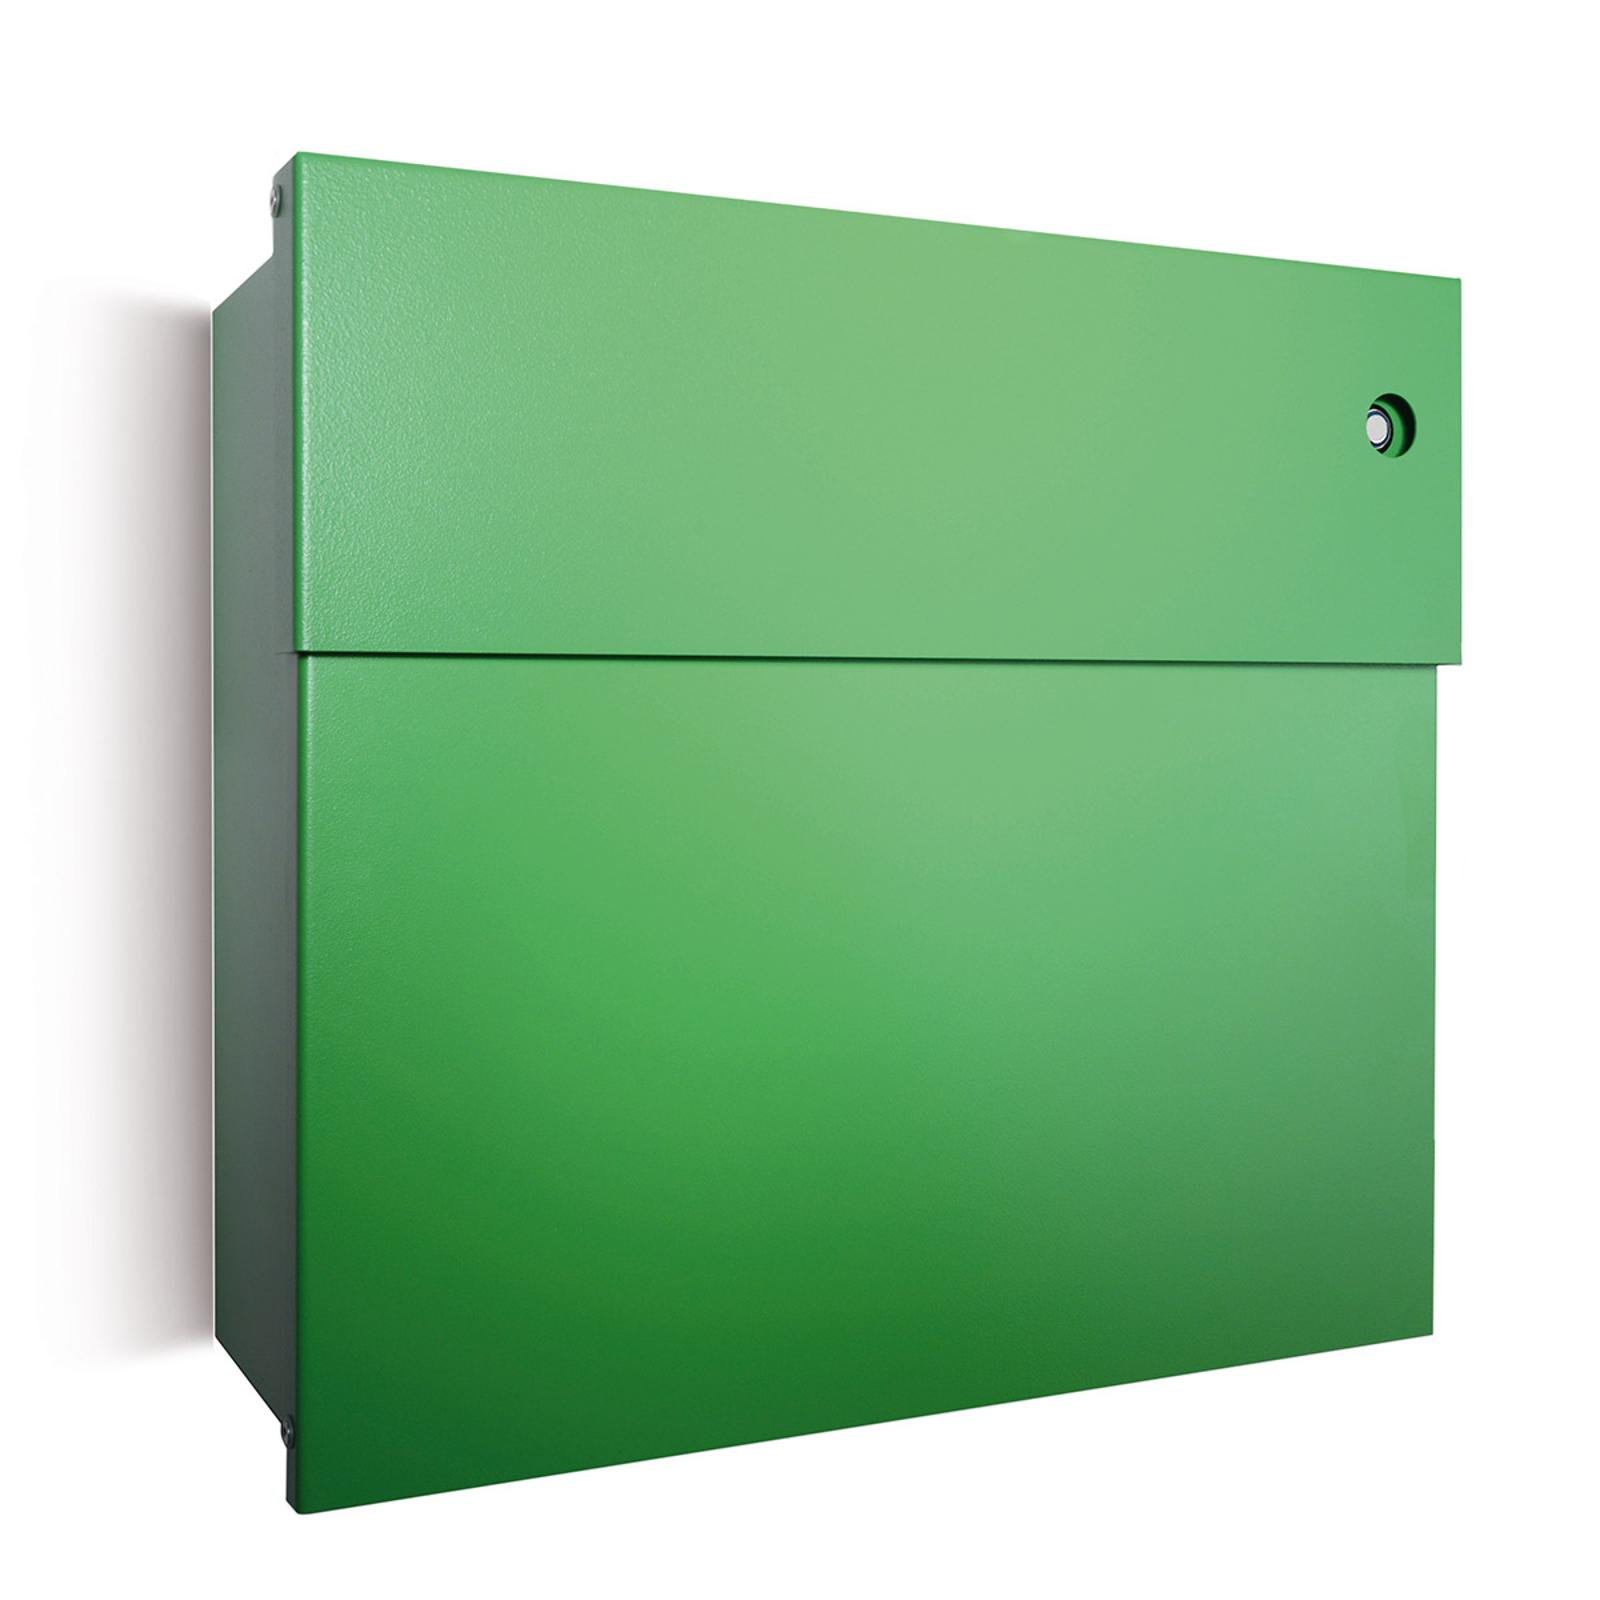 Boîte lettres Letterman IV, sonnette bleue, verte